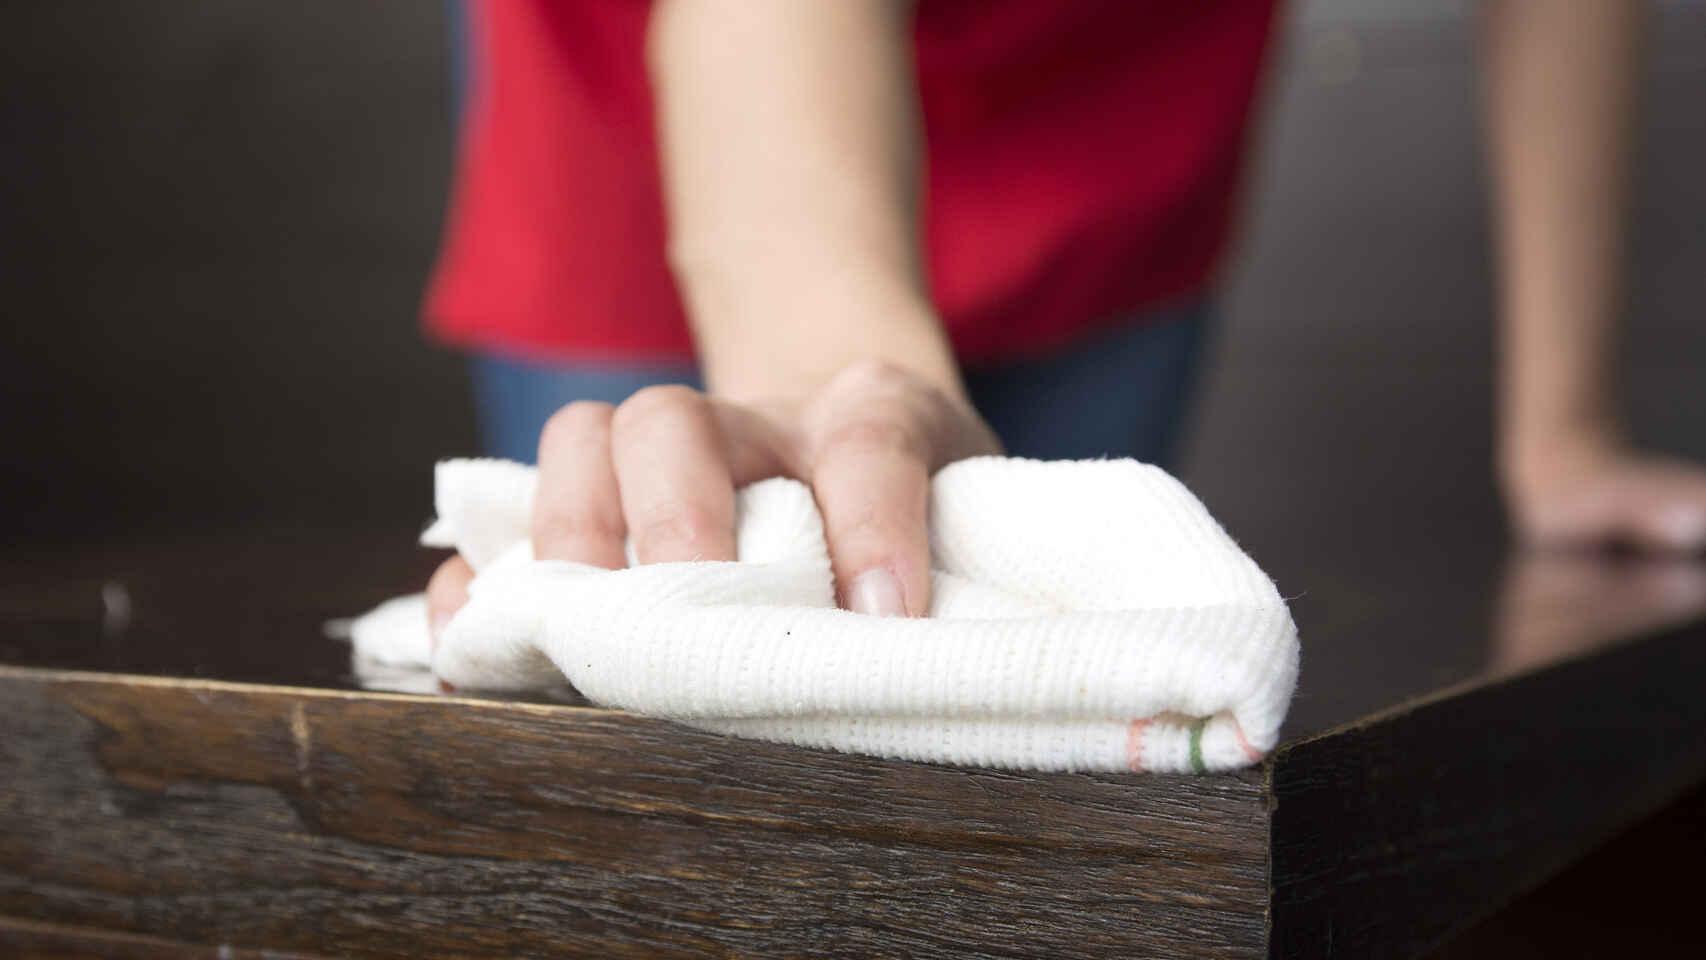 limpieza-de-muebles - Limpieza Muebles Remedios caseros Trucos Como hacer 490461248 152060094 1706x960